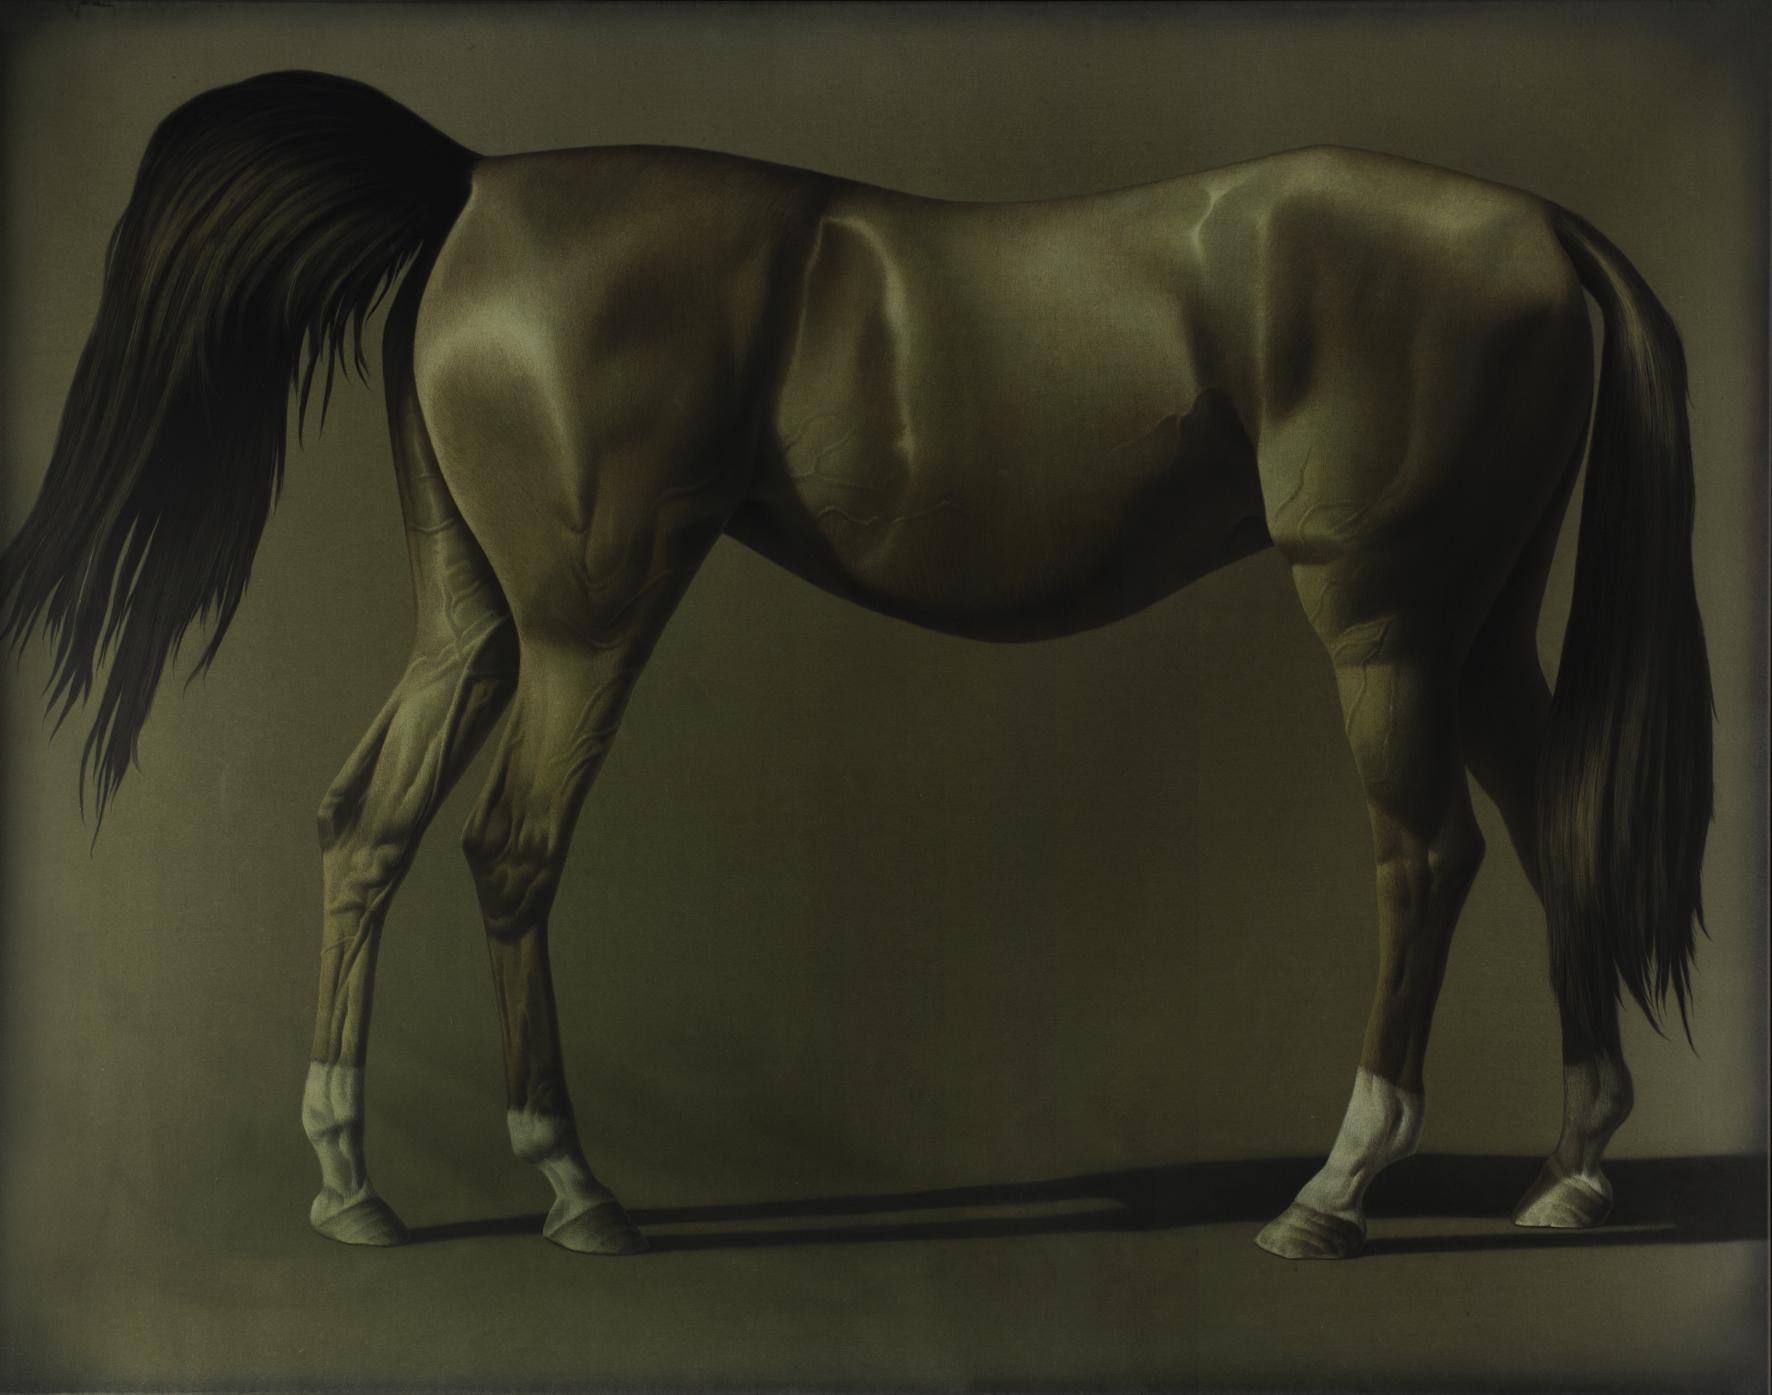 Horseback, 2014, Acryl auf Leinwand, 140 x 180 cm